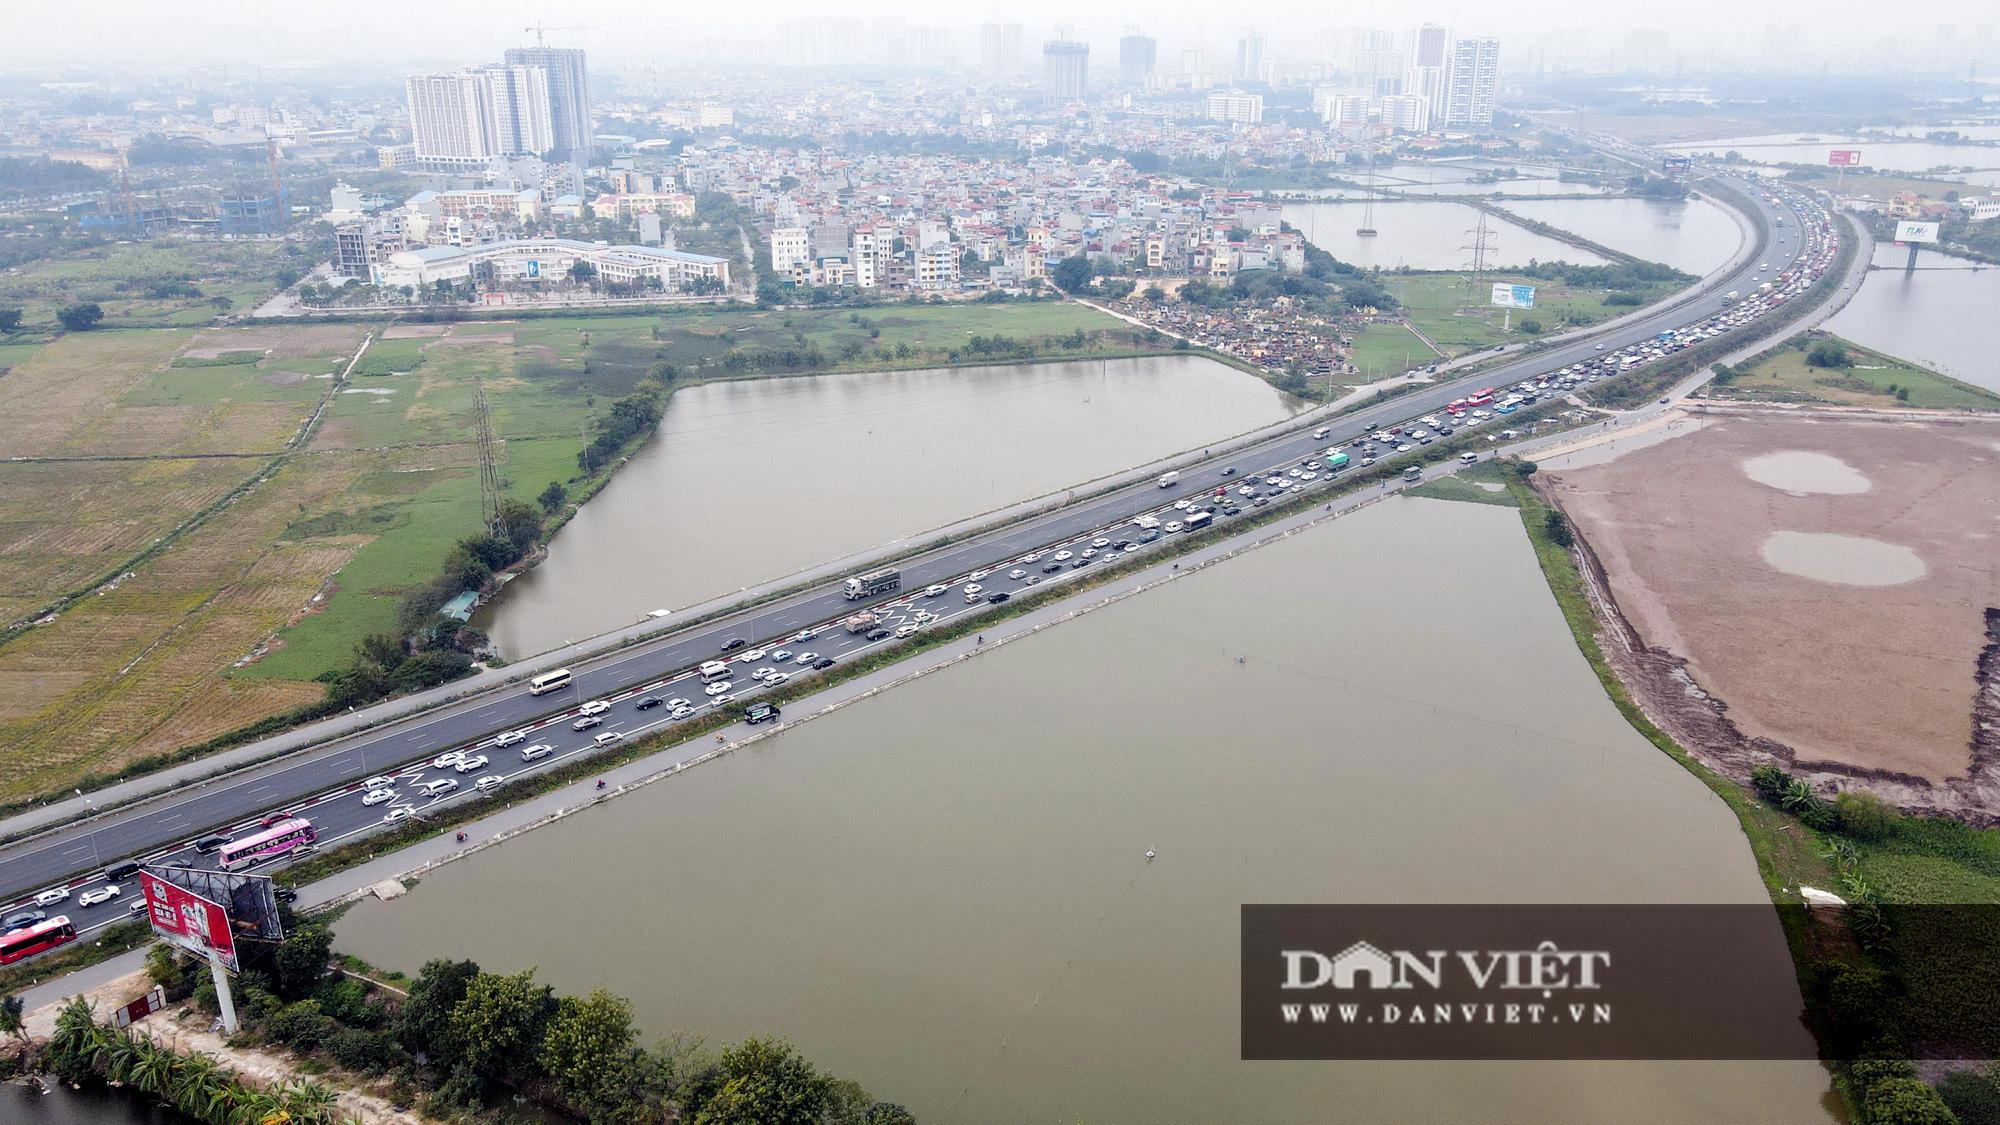 Người dân ùn ùn trở lại Thủ đô sau Tết Dương lịch, cửa ngõ ùn tắc gần 10 km - Ảnh 3.